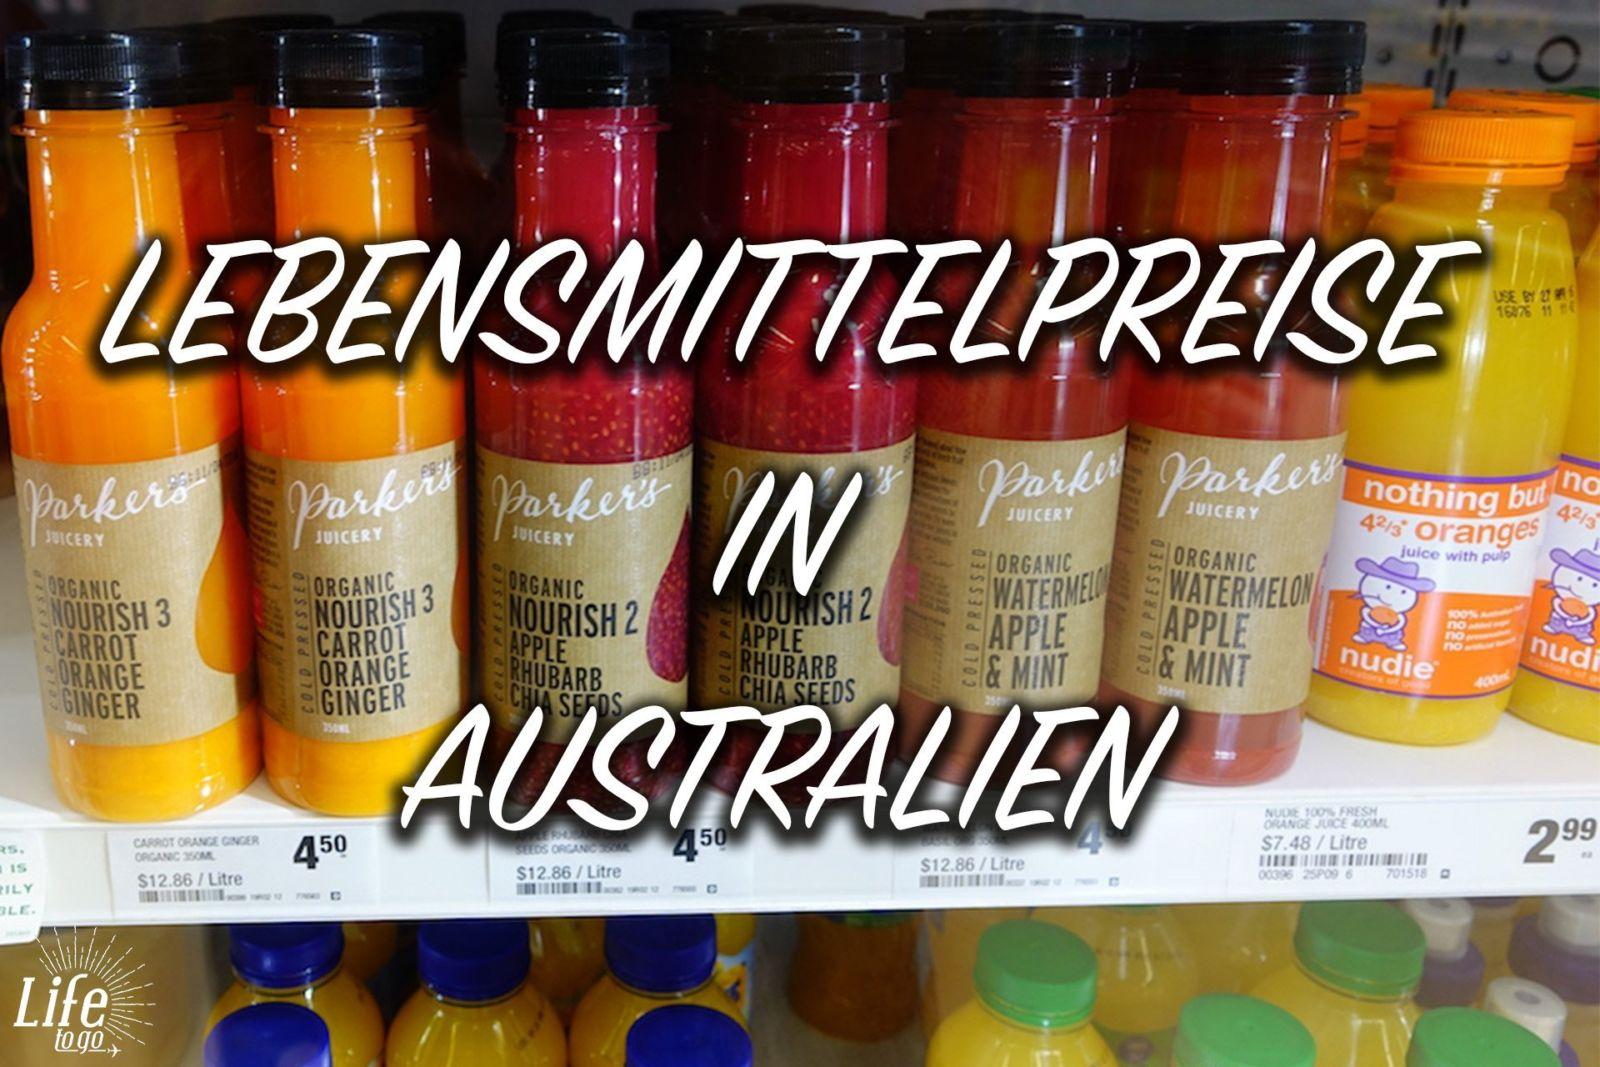 Lebensmittel in Australien und die Preise. Günstig oder teuer?